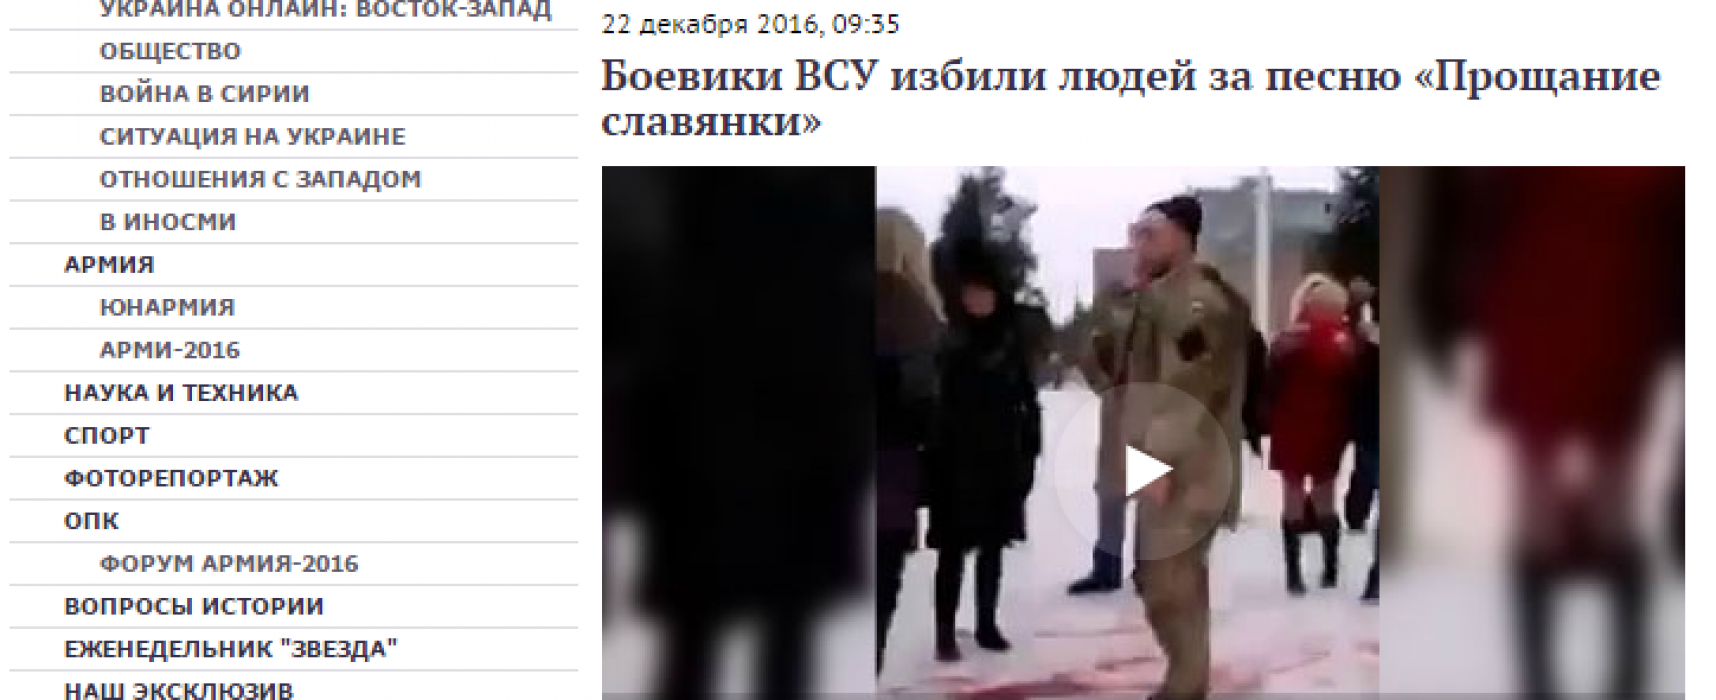 Фейк: бойцы АТО избили участников песенного флешмоба